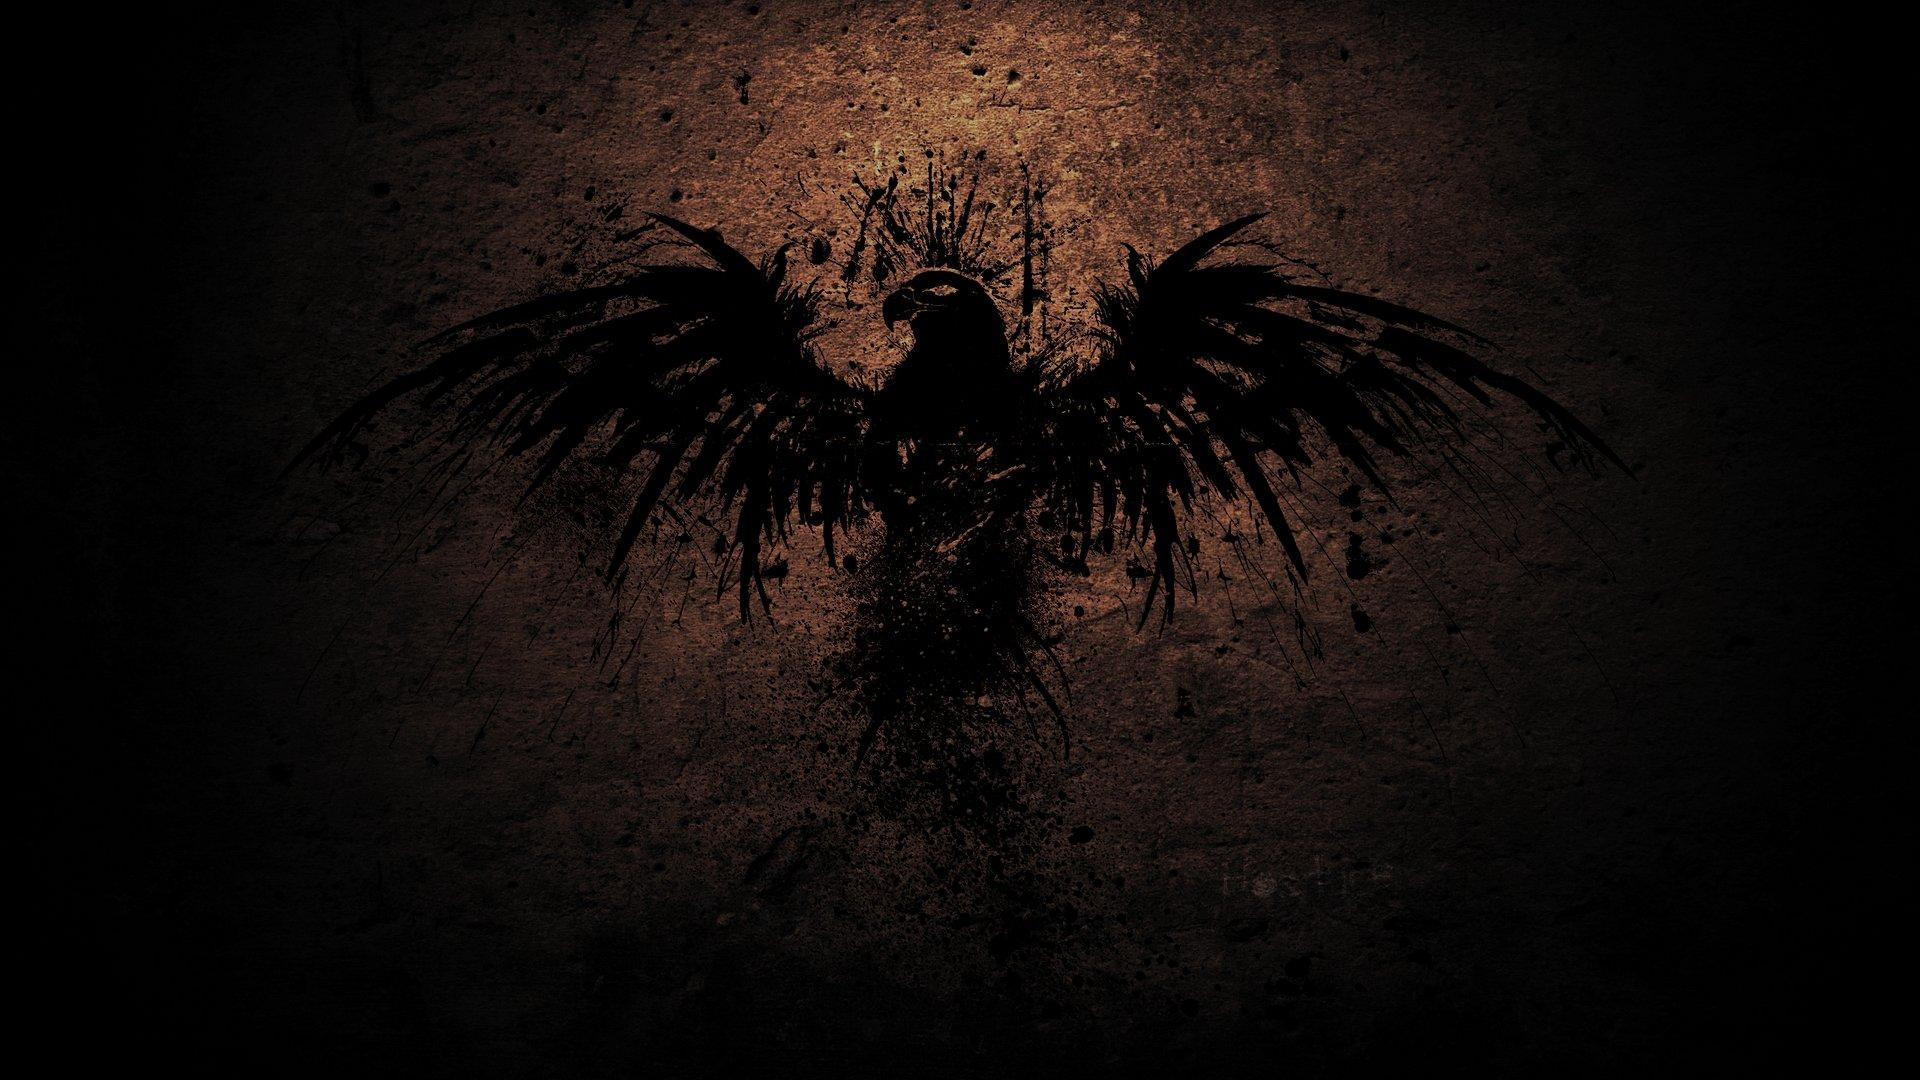 crow graffiti art wallpaper 1920x1080 480679